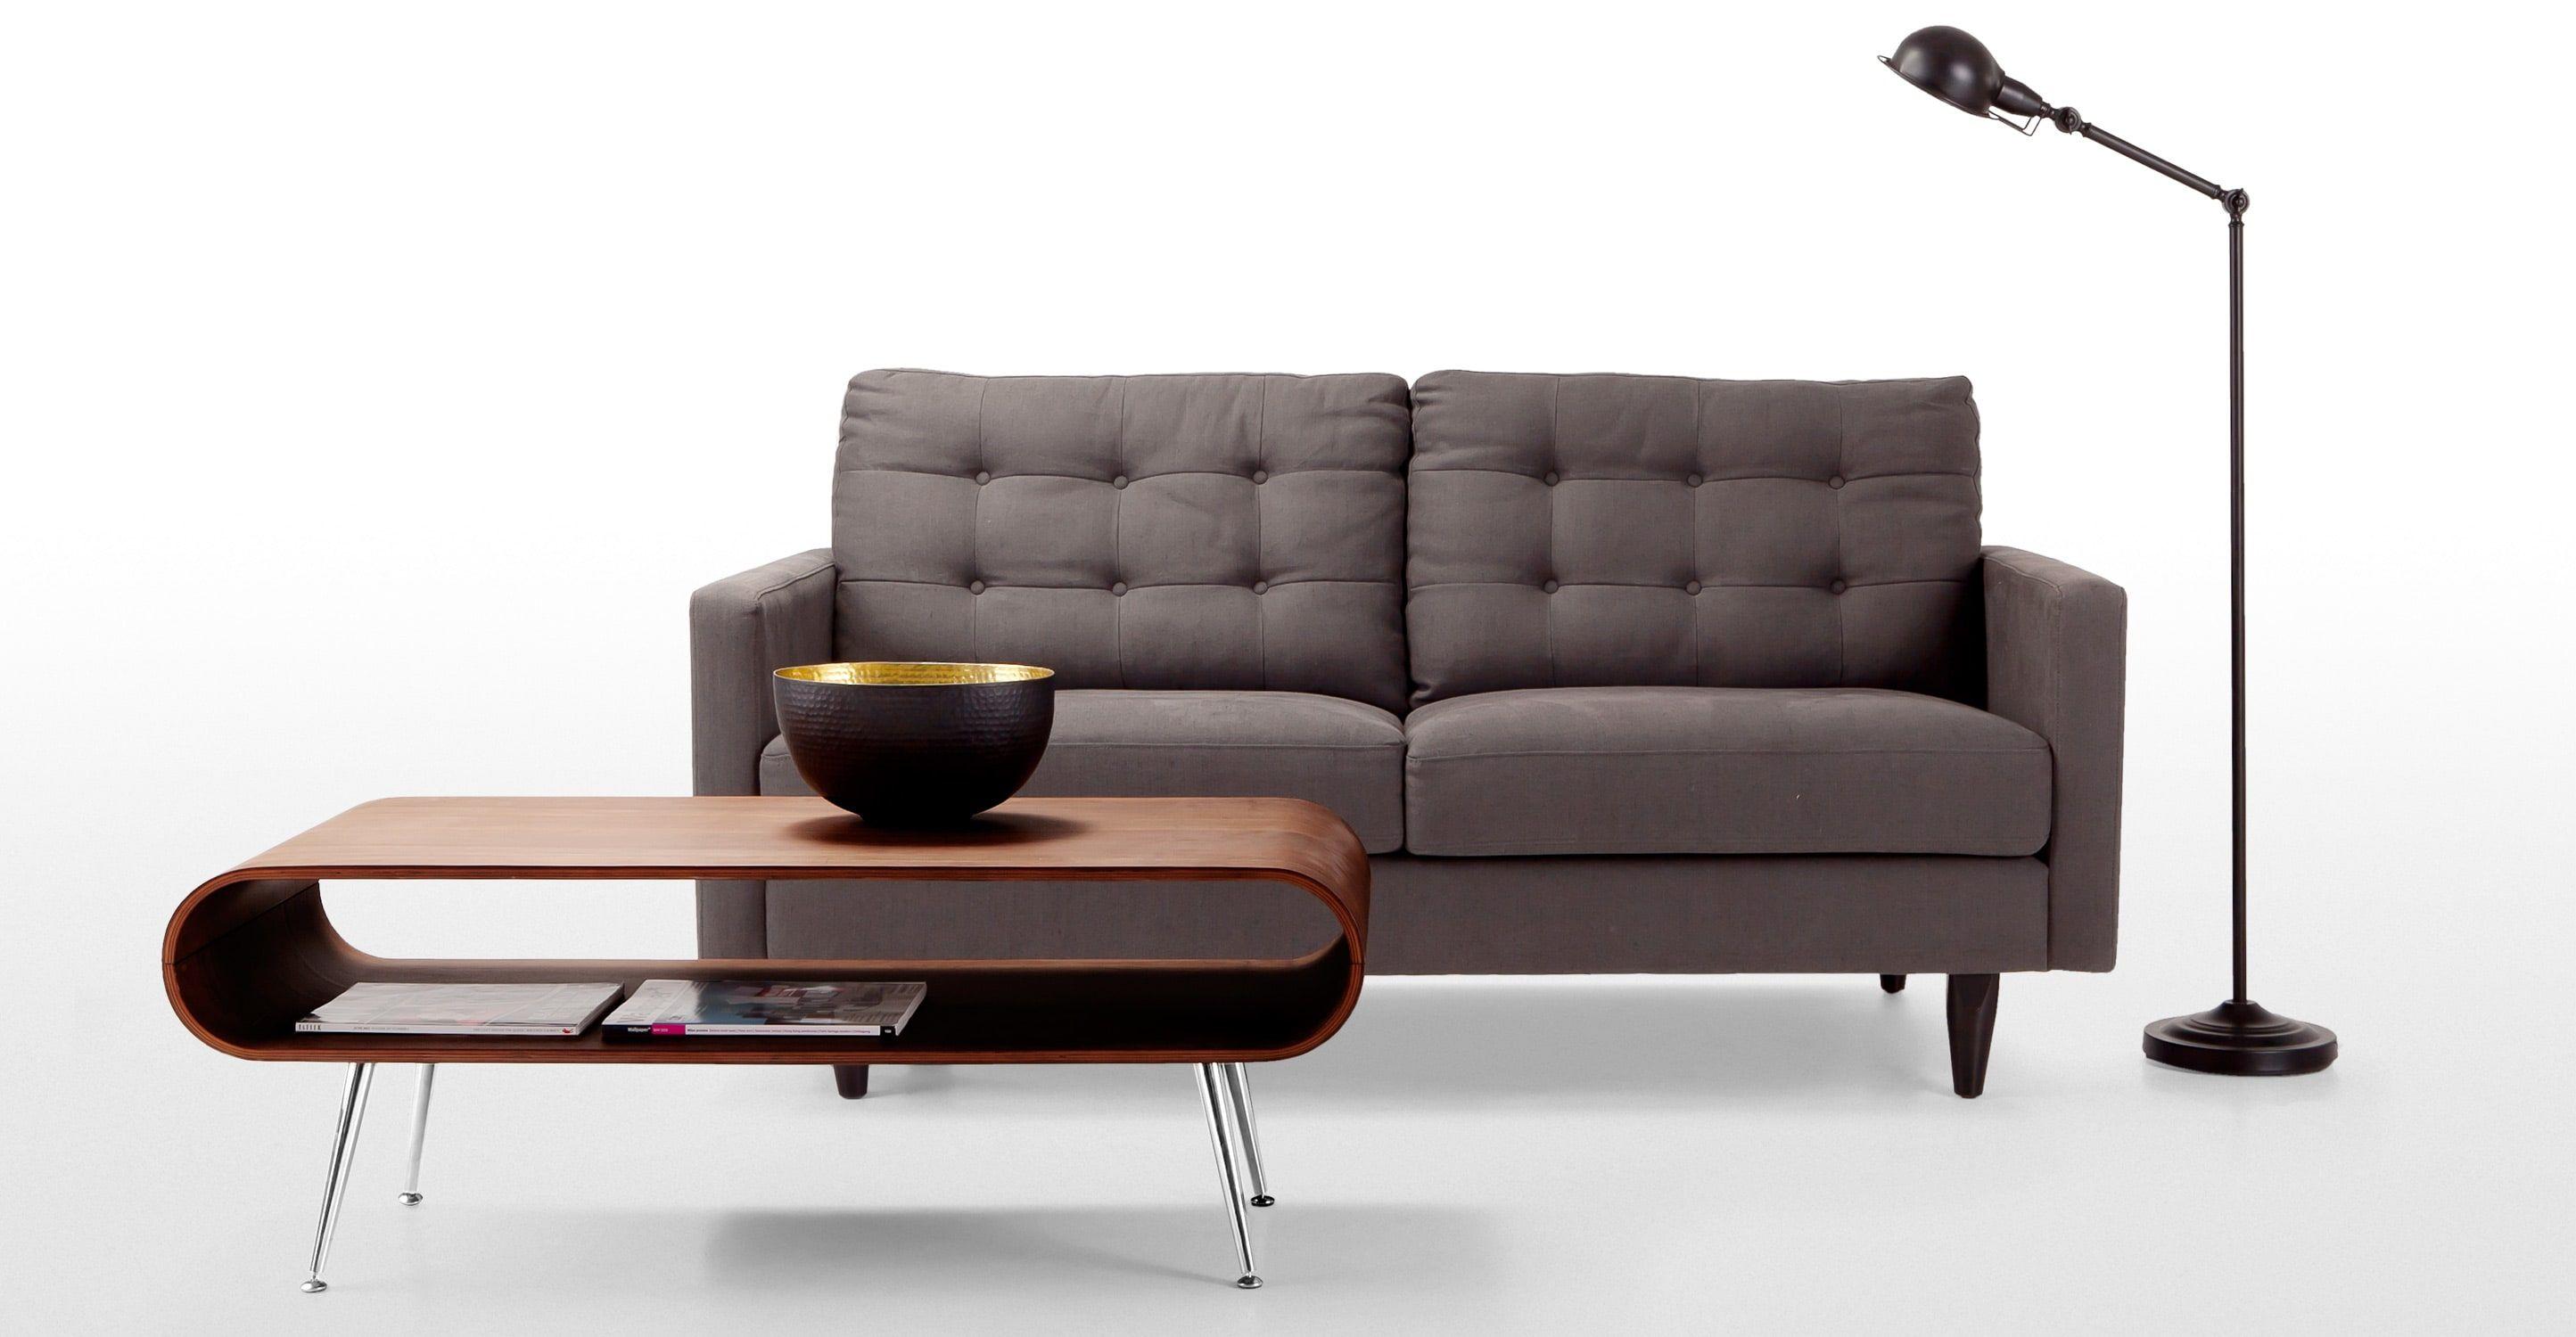 Der Hooper Couchtisch in Walnuss mit praktischer Ablage bringt etwas Retro-Stil in jedes Zuhause.